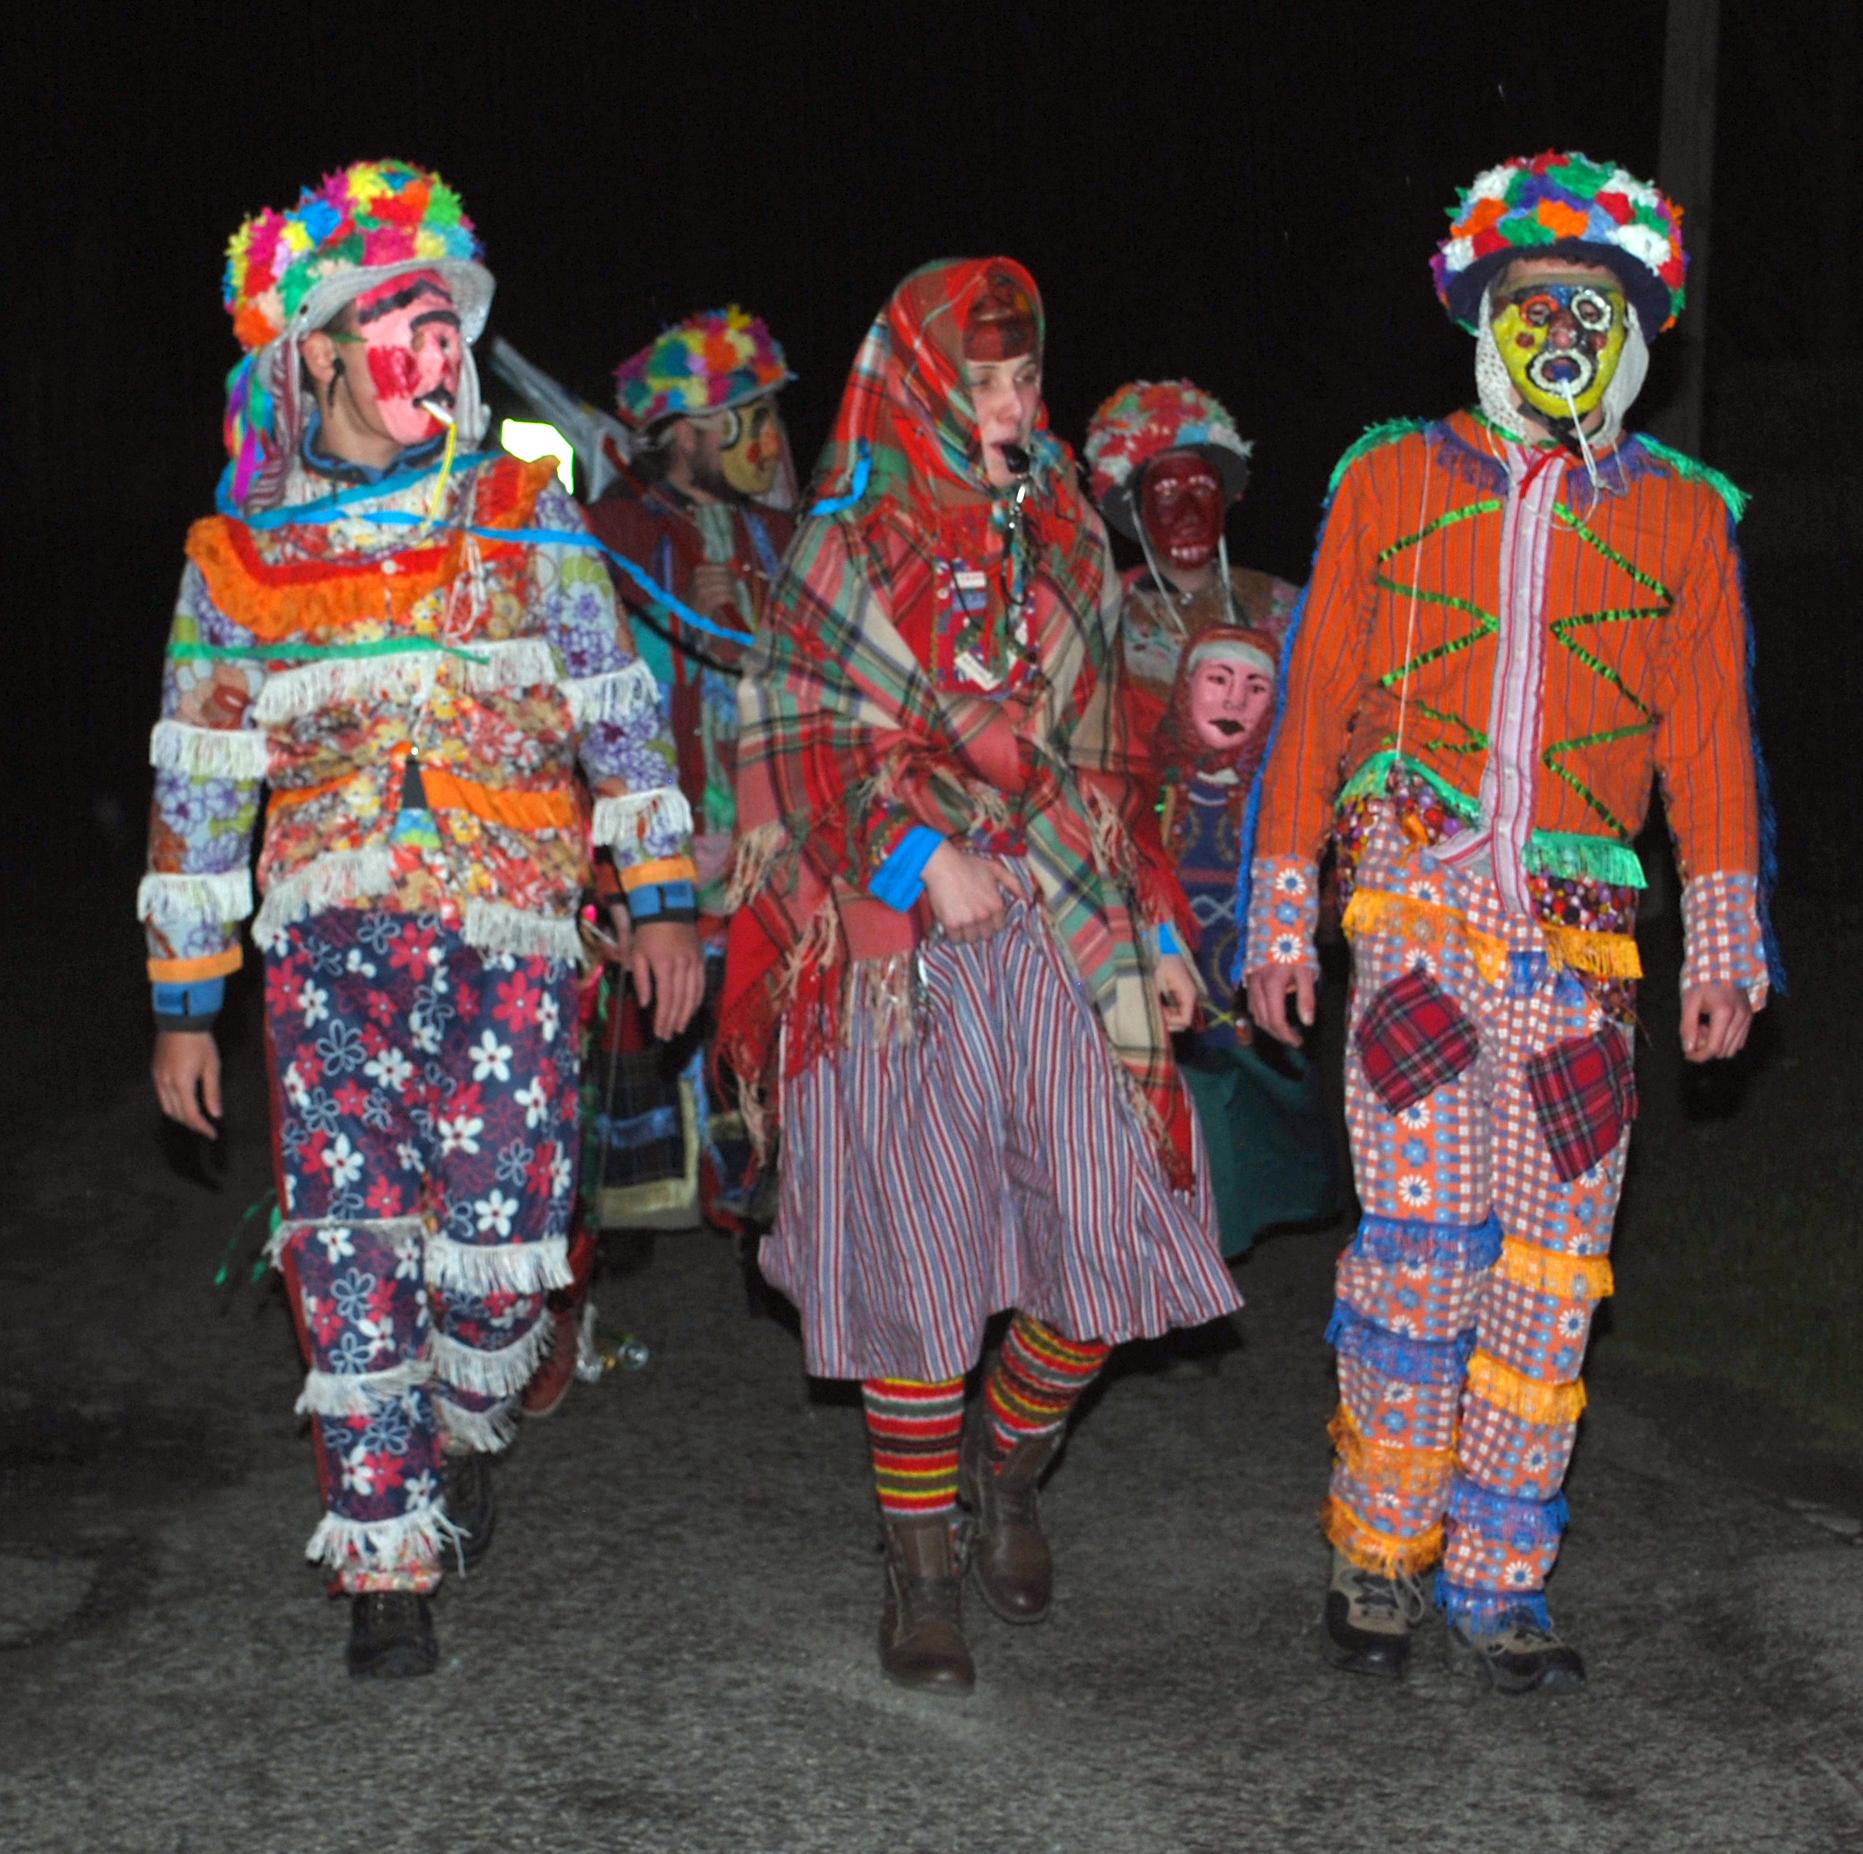 Na zdjęciu uczestnicy obrzędu Śmergust w pochodzie na ulicy. Ubrani w kolorowe kostiumy: ozdobne kapelusze, maski na w twarzach, kolorowe stroje.